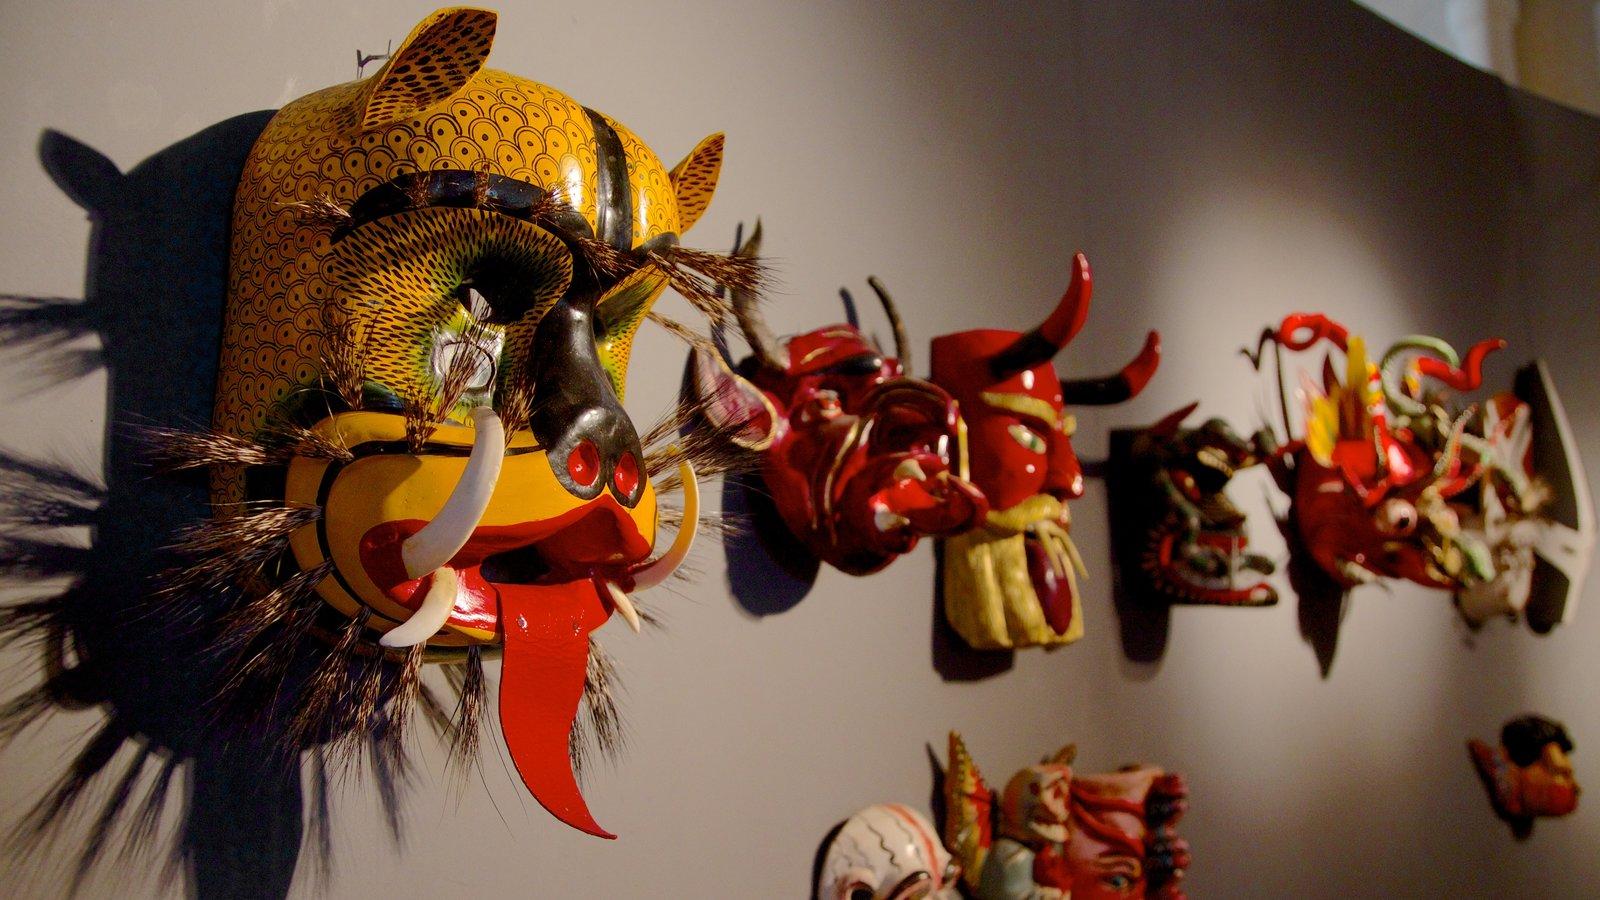 Montevidéu que inclui arte